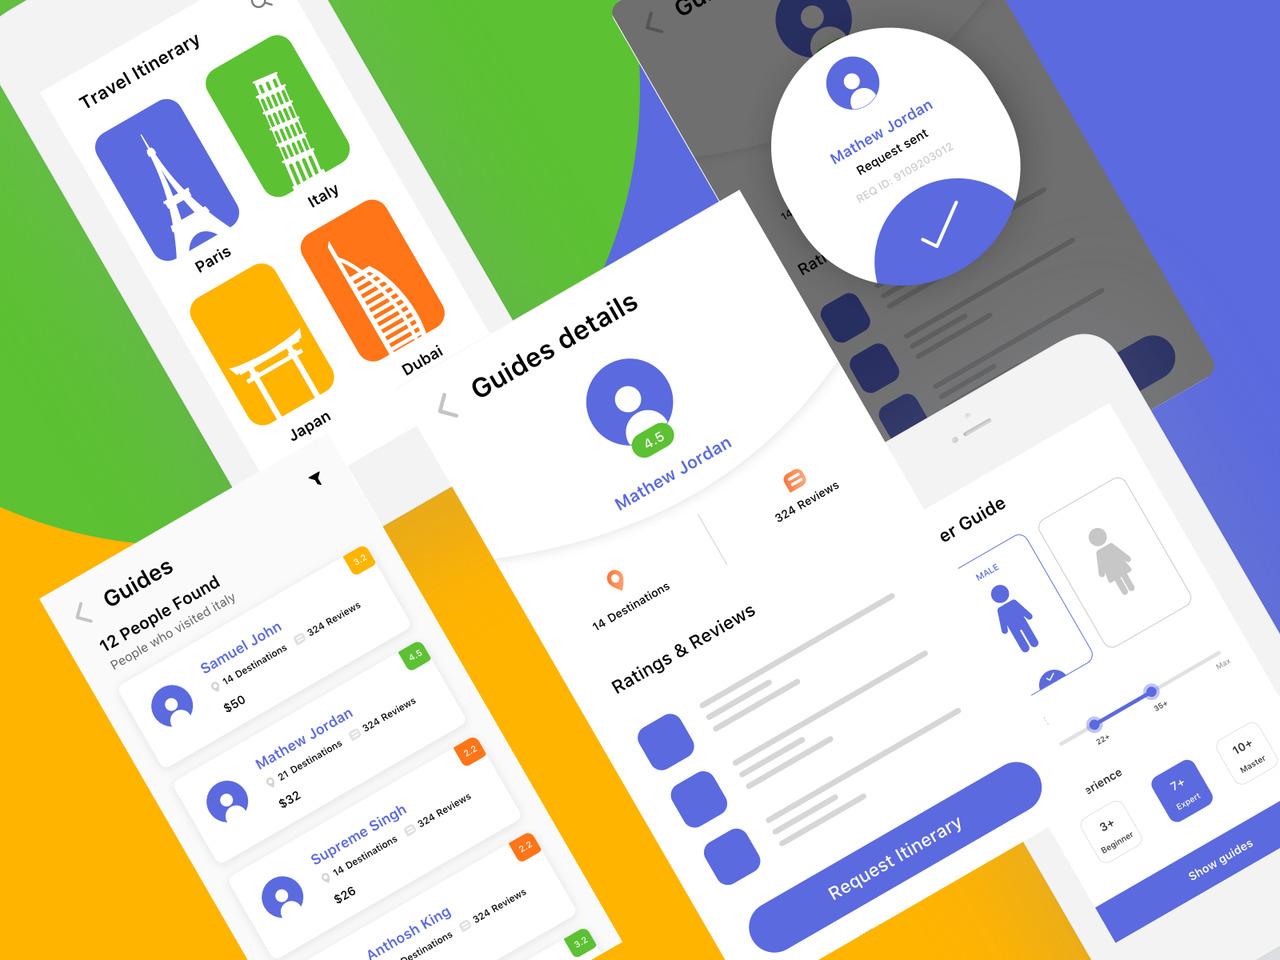 旅行app UI / UX设计案例研究